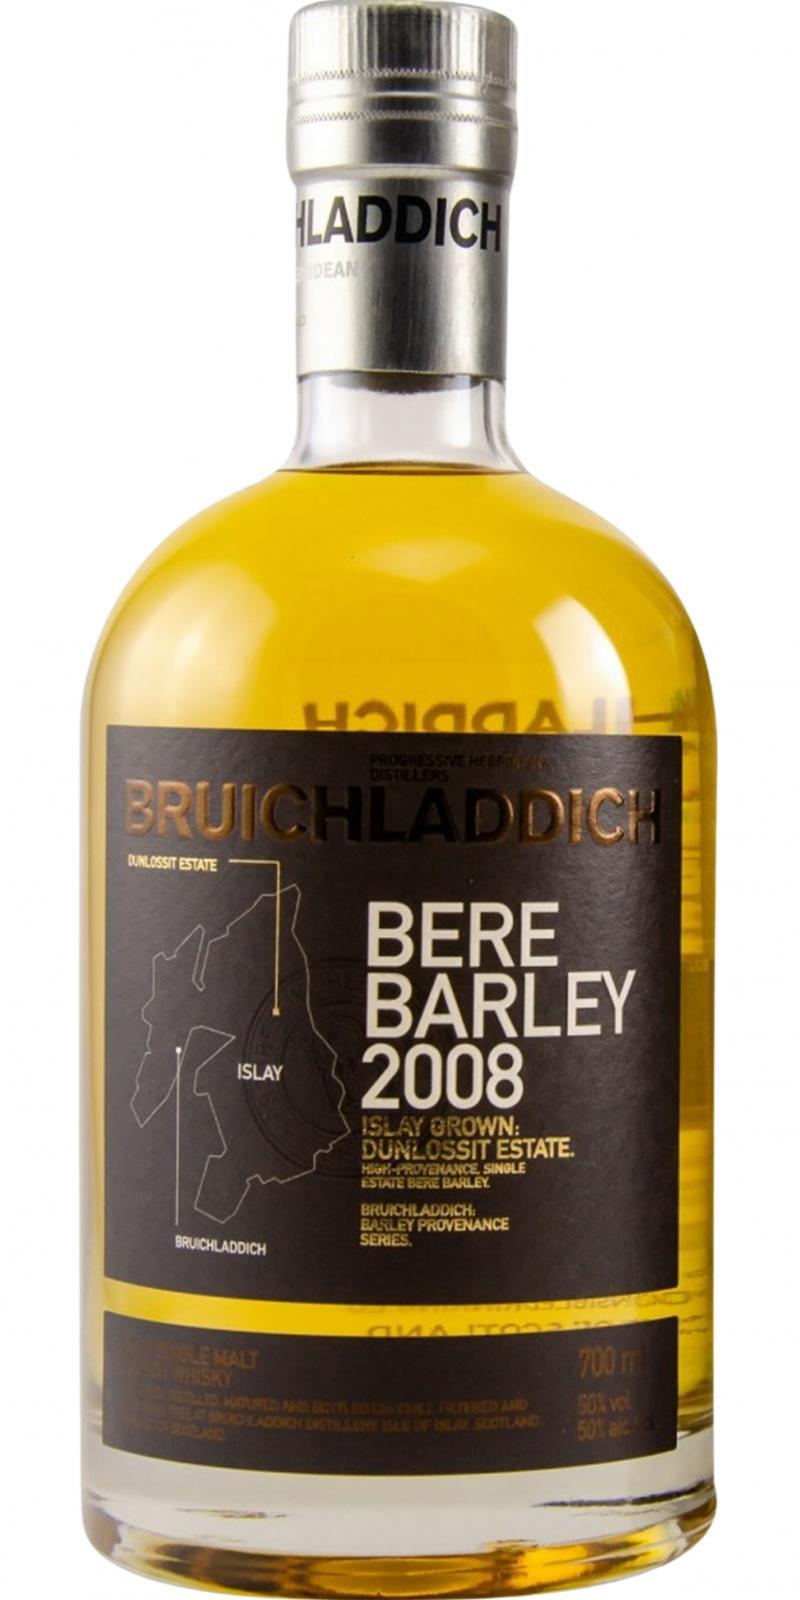 Bruichladdich 2008 - Bere Barley